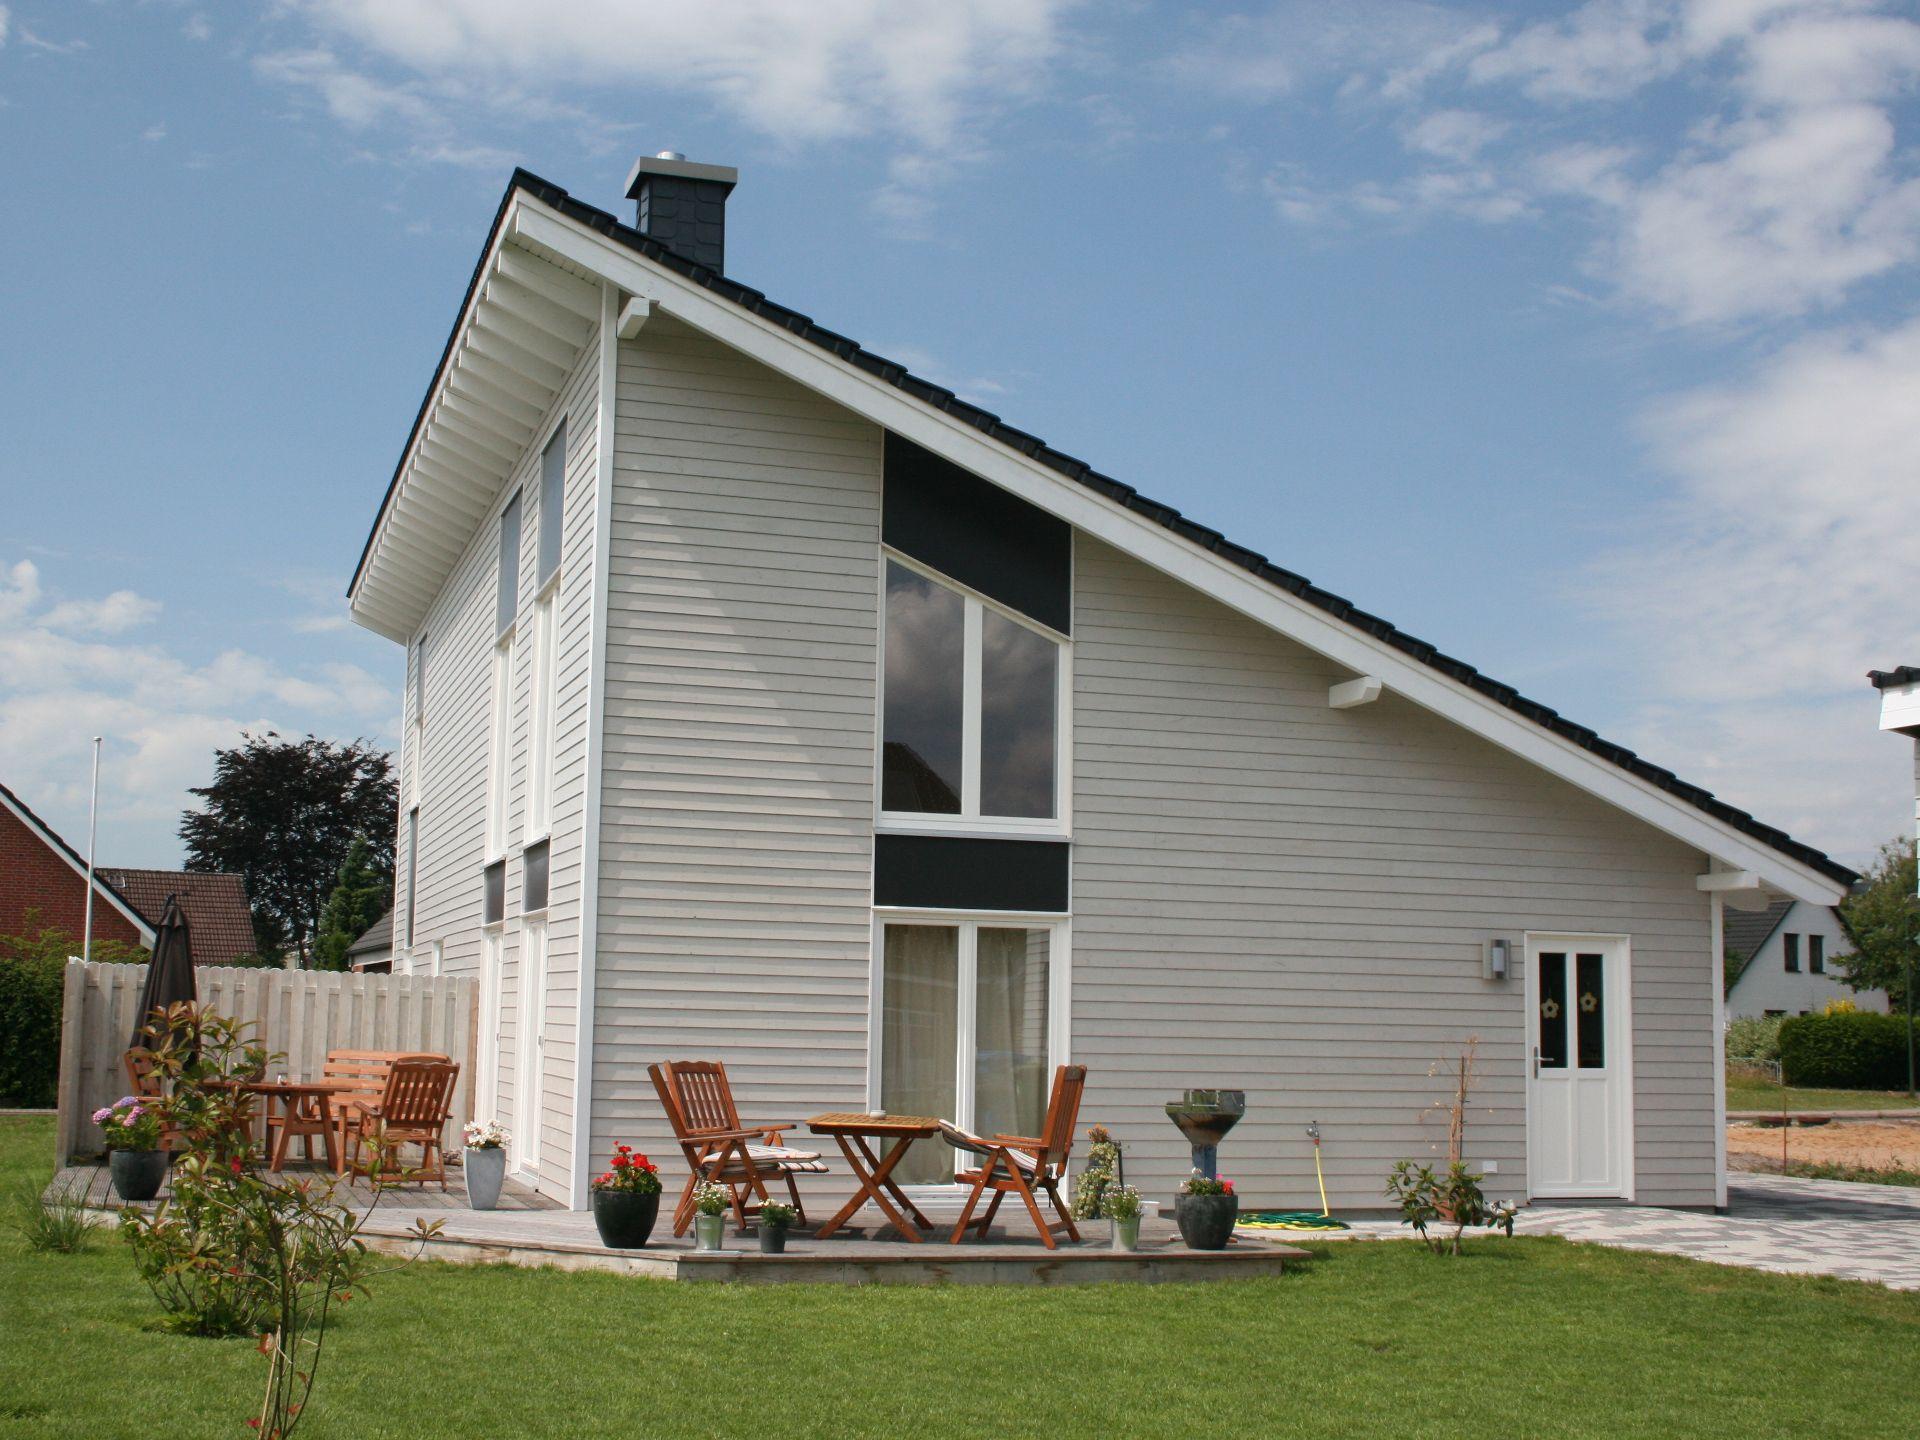 Schwedenhaus innenausstattung  9 besten Schwedenhaus Bilder auf Pinterest | Schwedenhaus ...